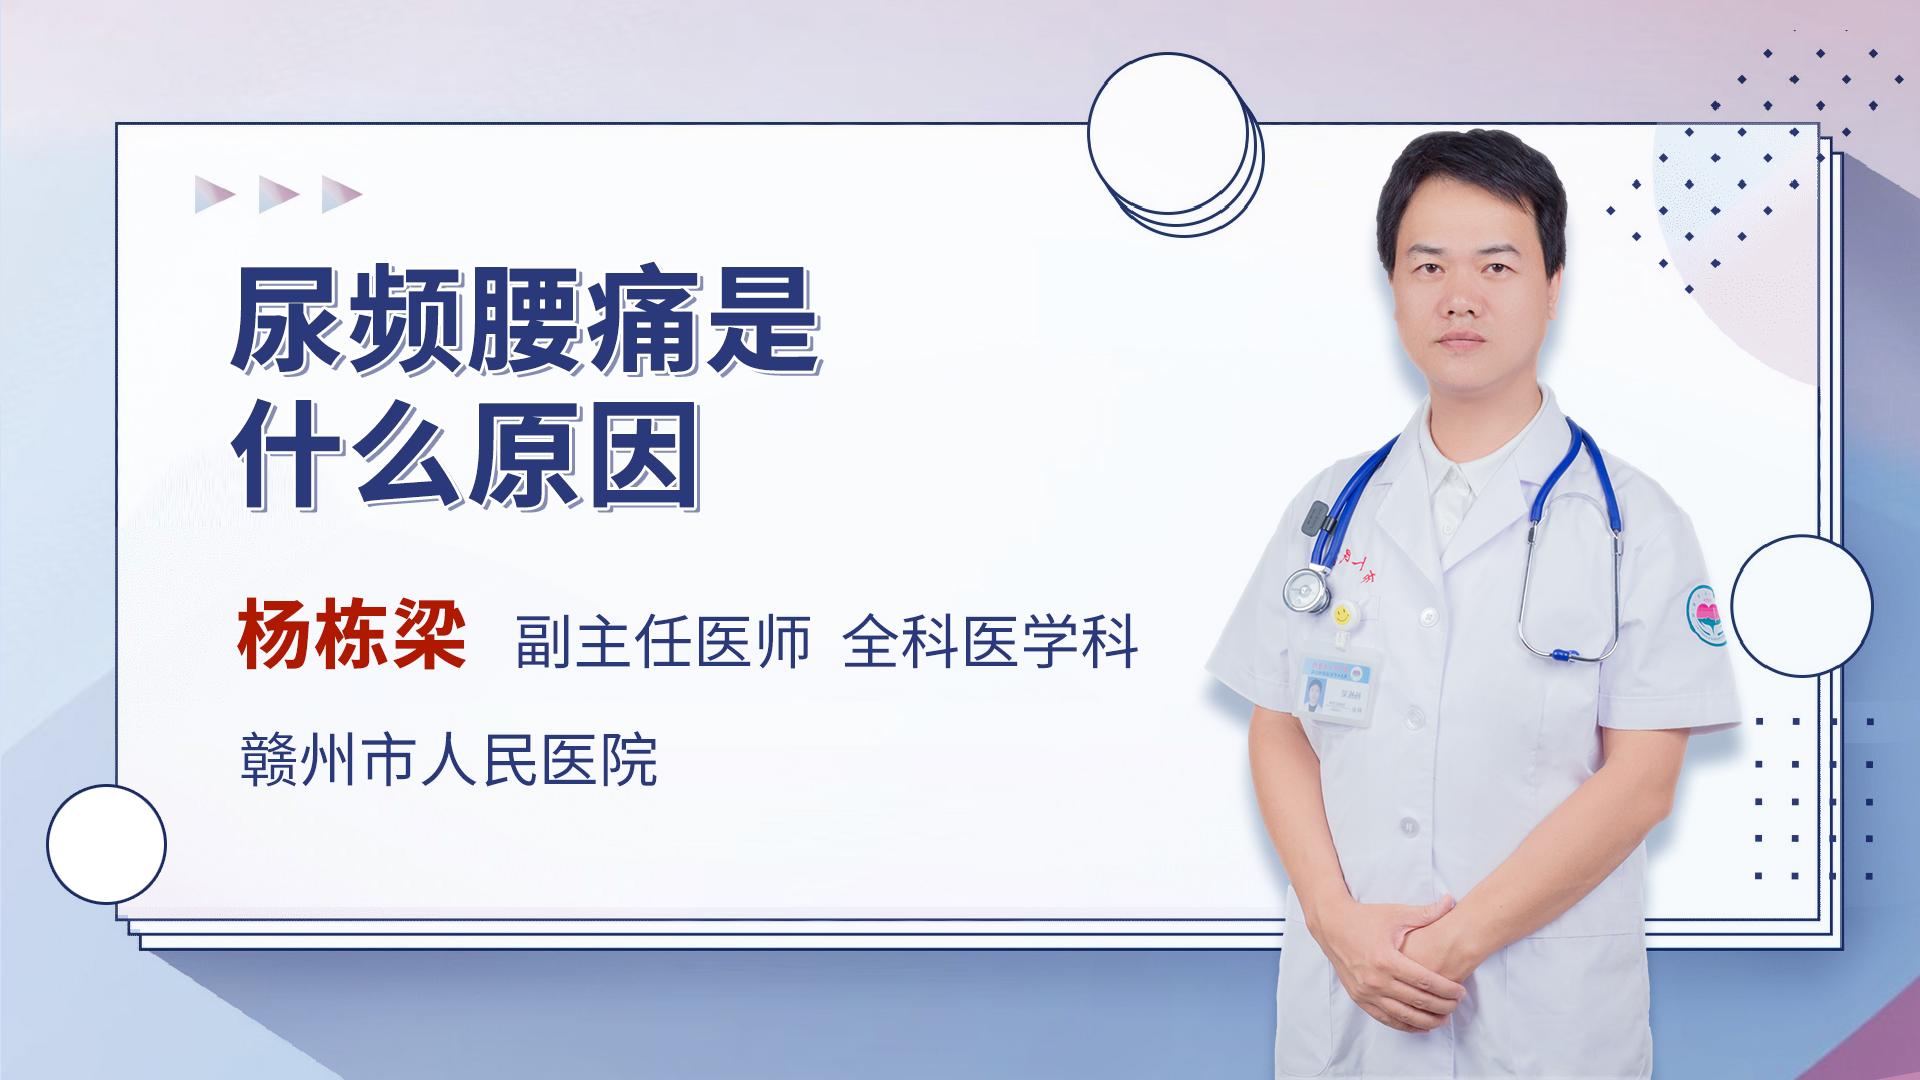 尿频腰痛是什么原因